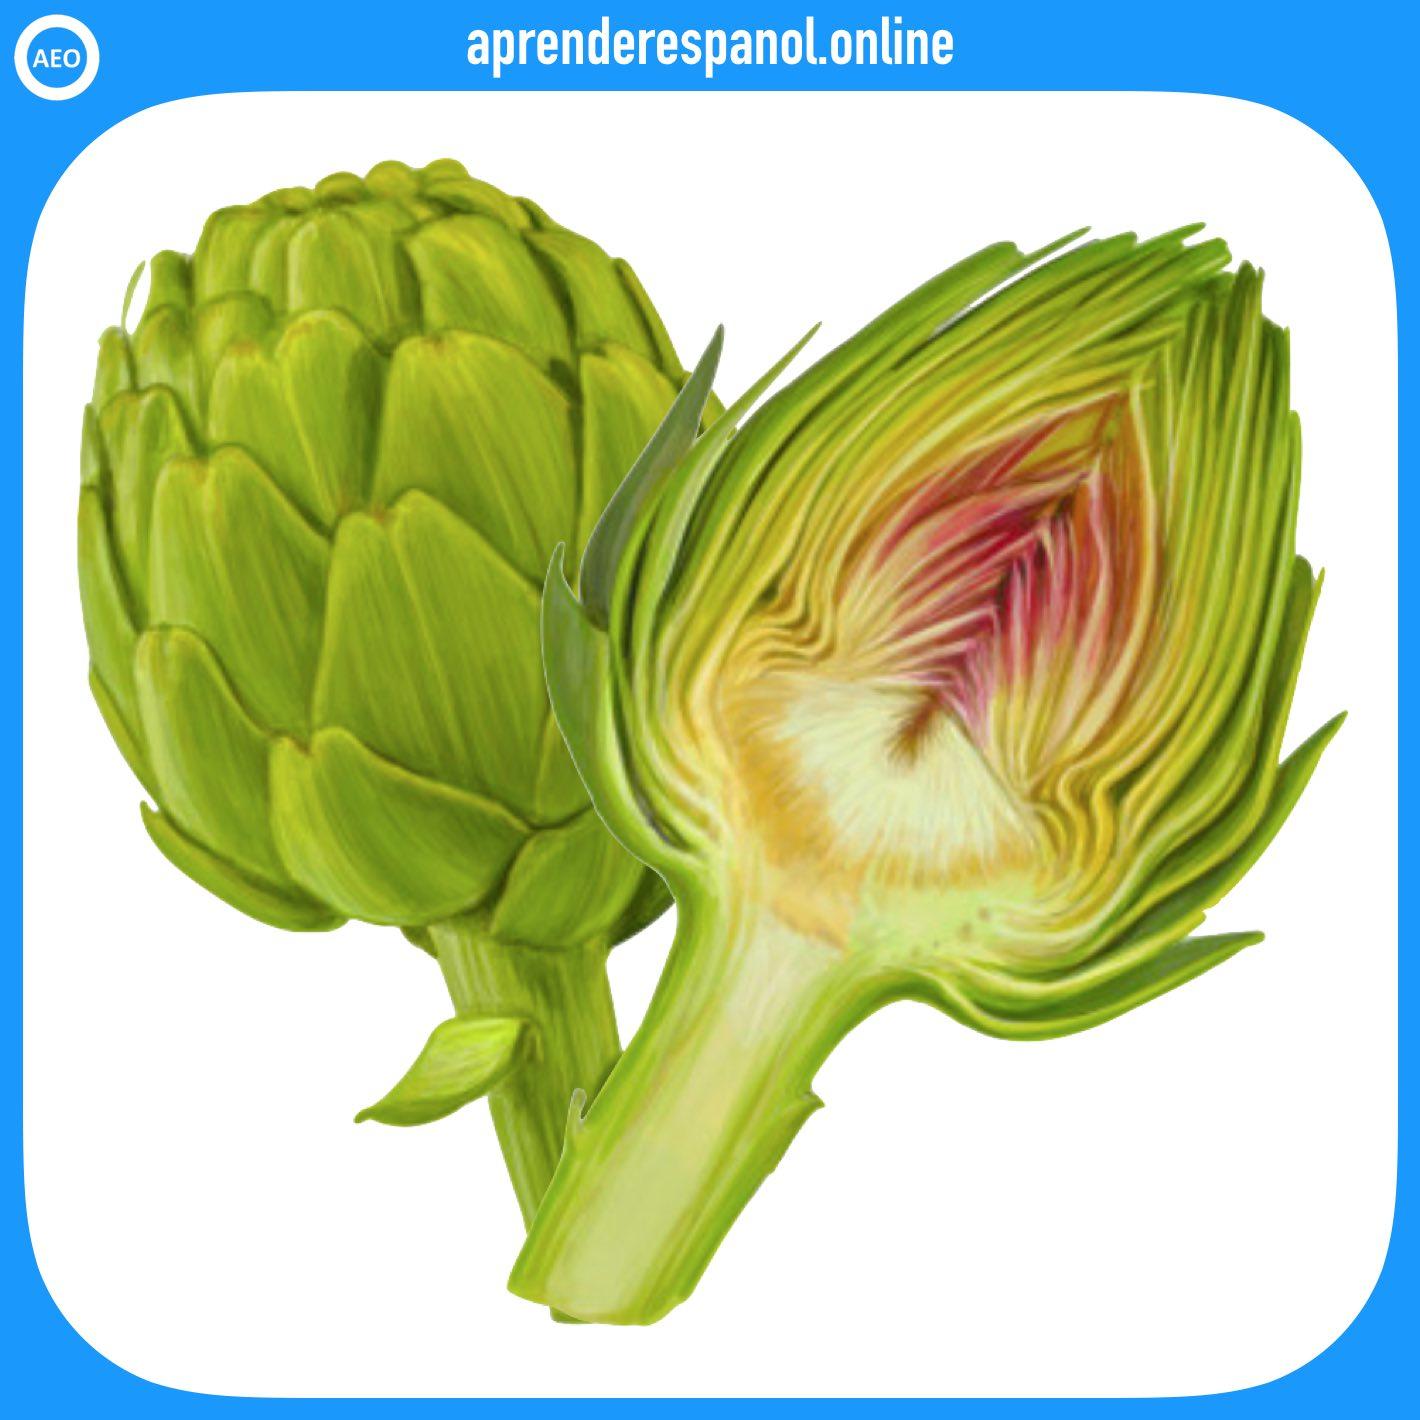 alcachofa | verduras en español | vocabulario de las verduras en español